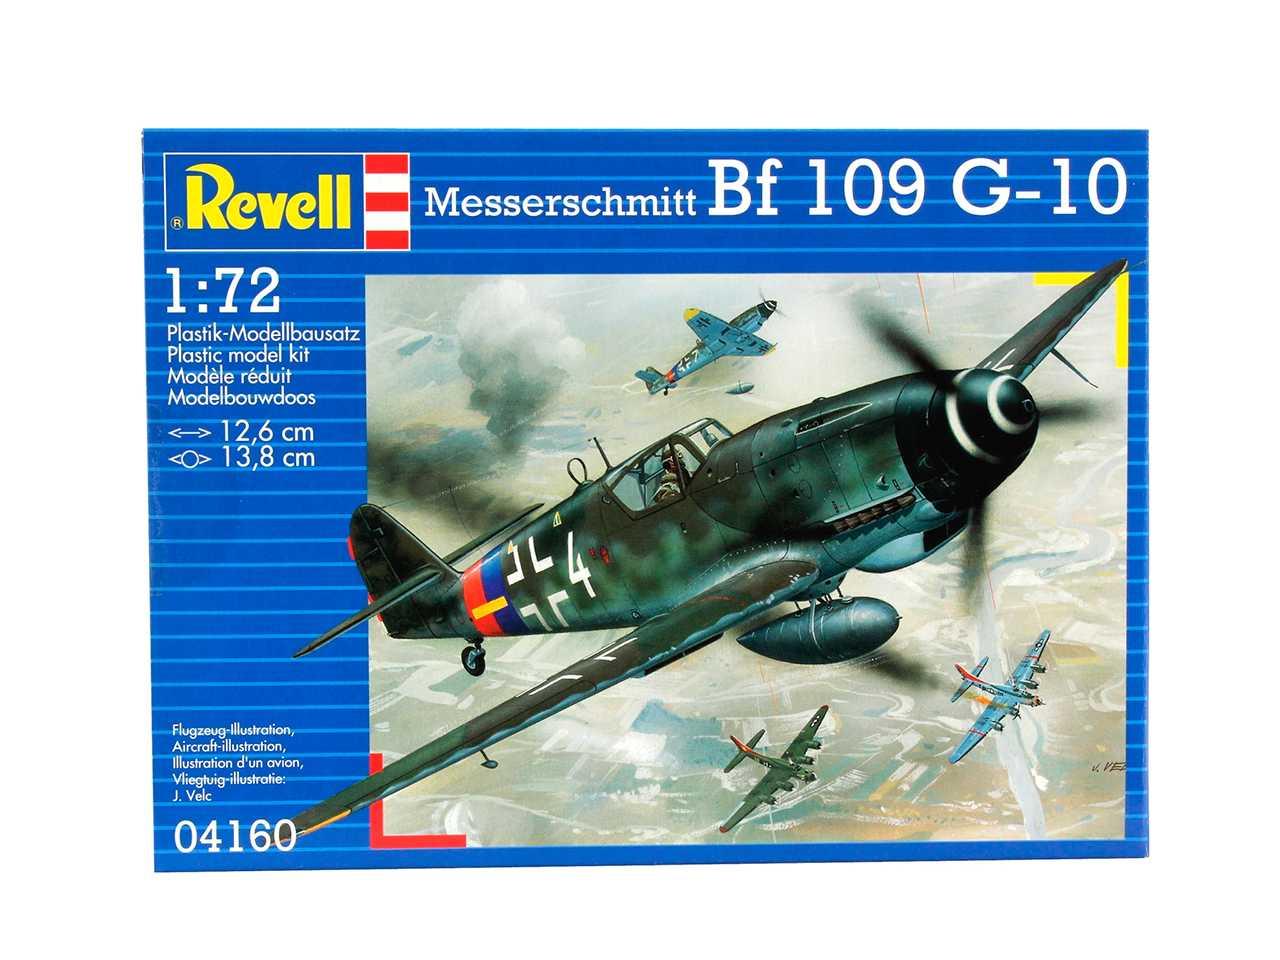 1:72 Bf 109 G-10 Messerschmitt